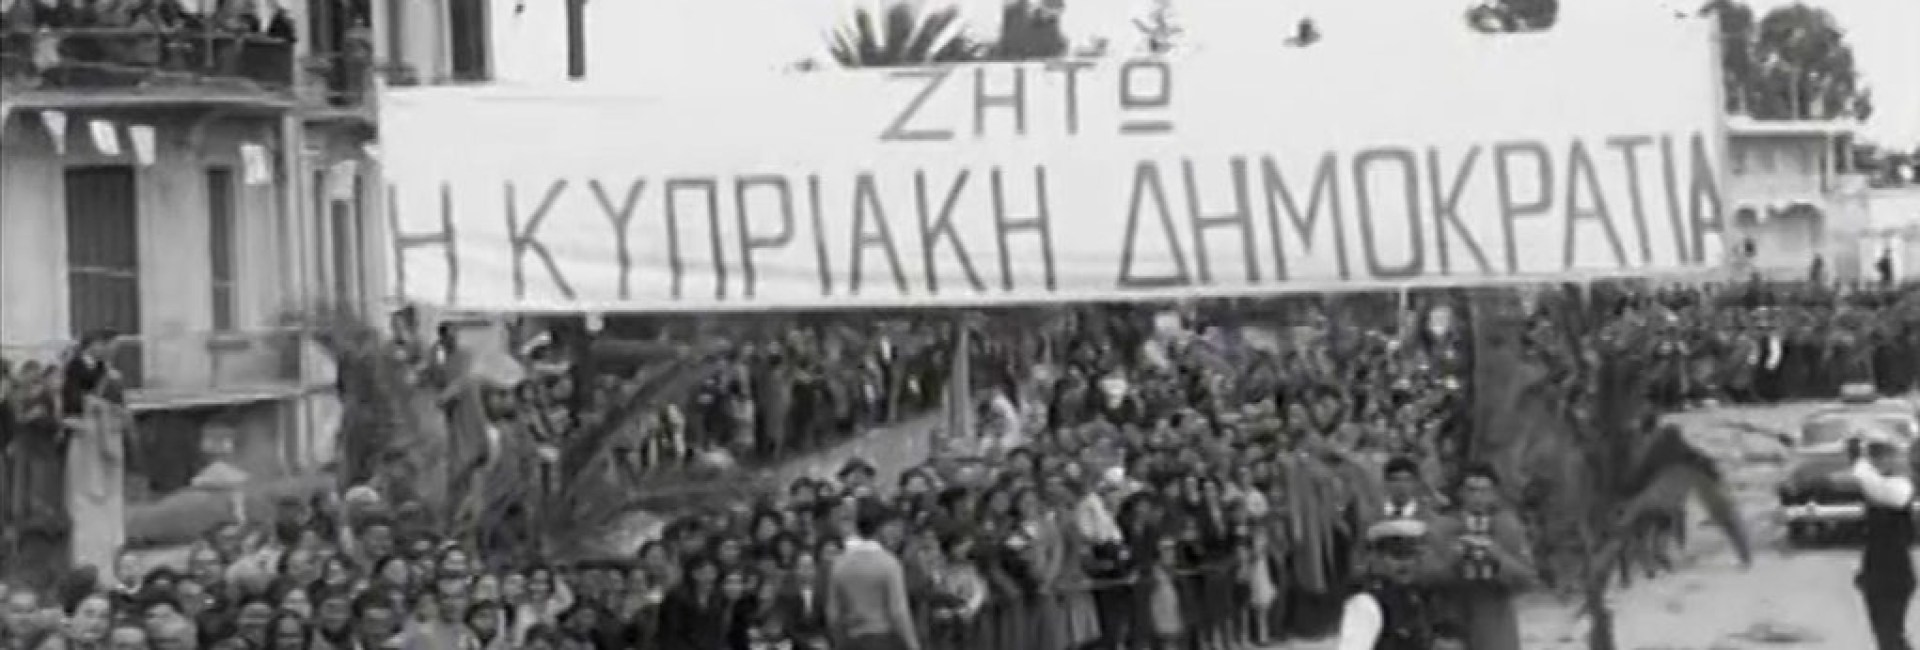 1η Οκτωβρίου: Επέτειος Κυπριακής Ανεξαρτησίας